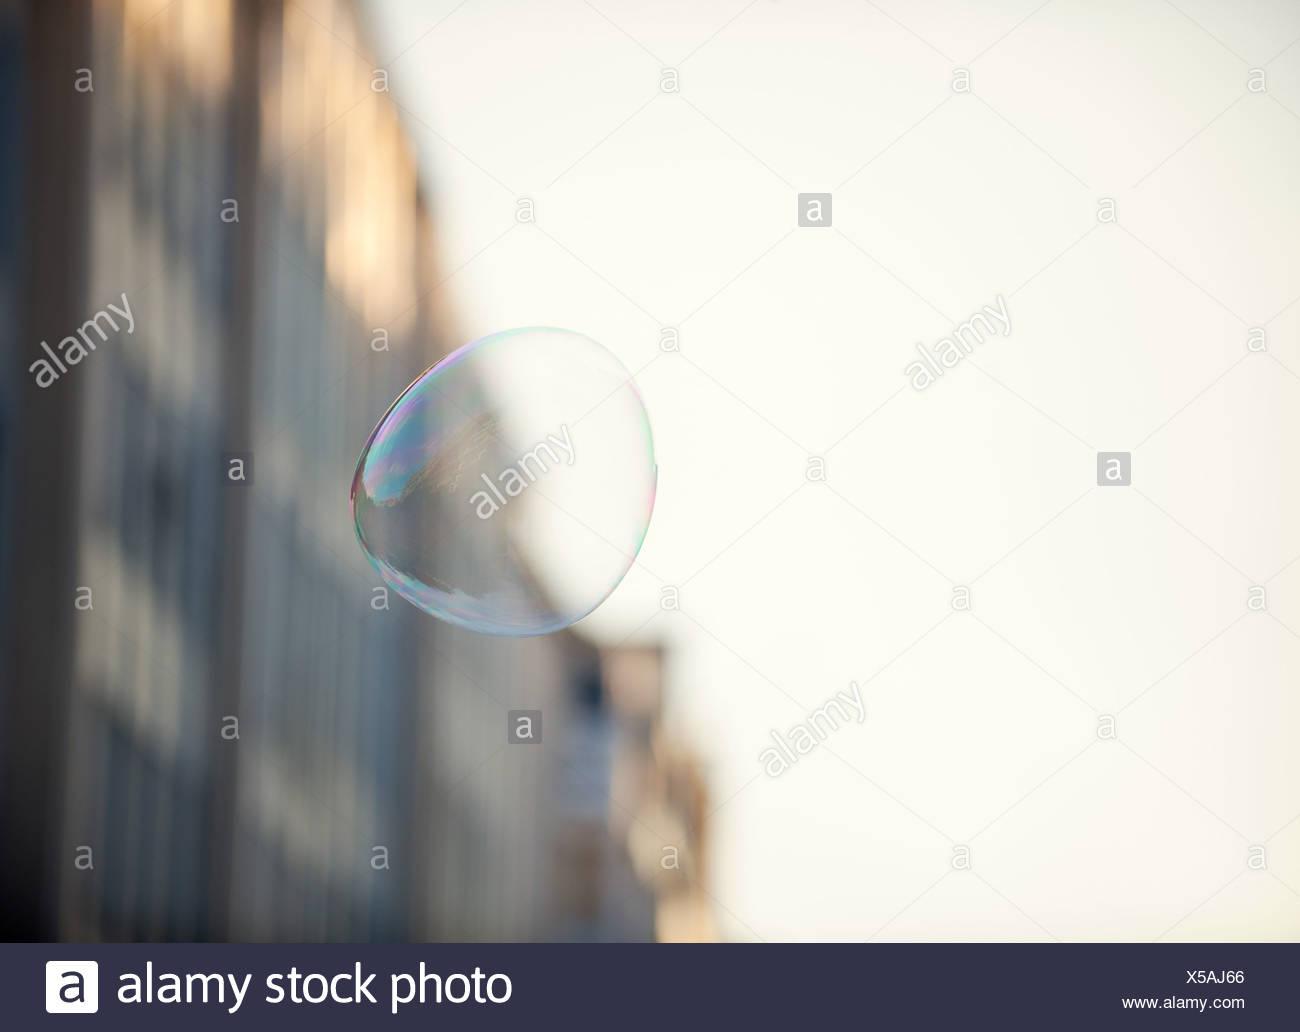 Una bolla galleggianti in un ambiente urbano Immagini Stock